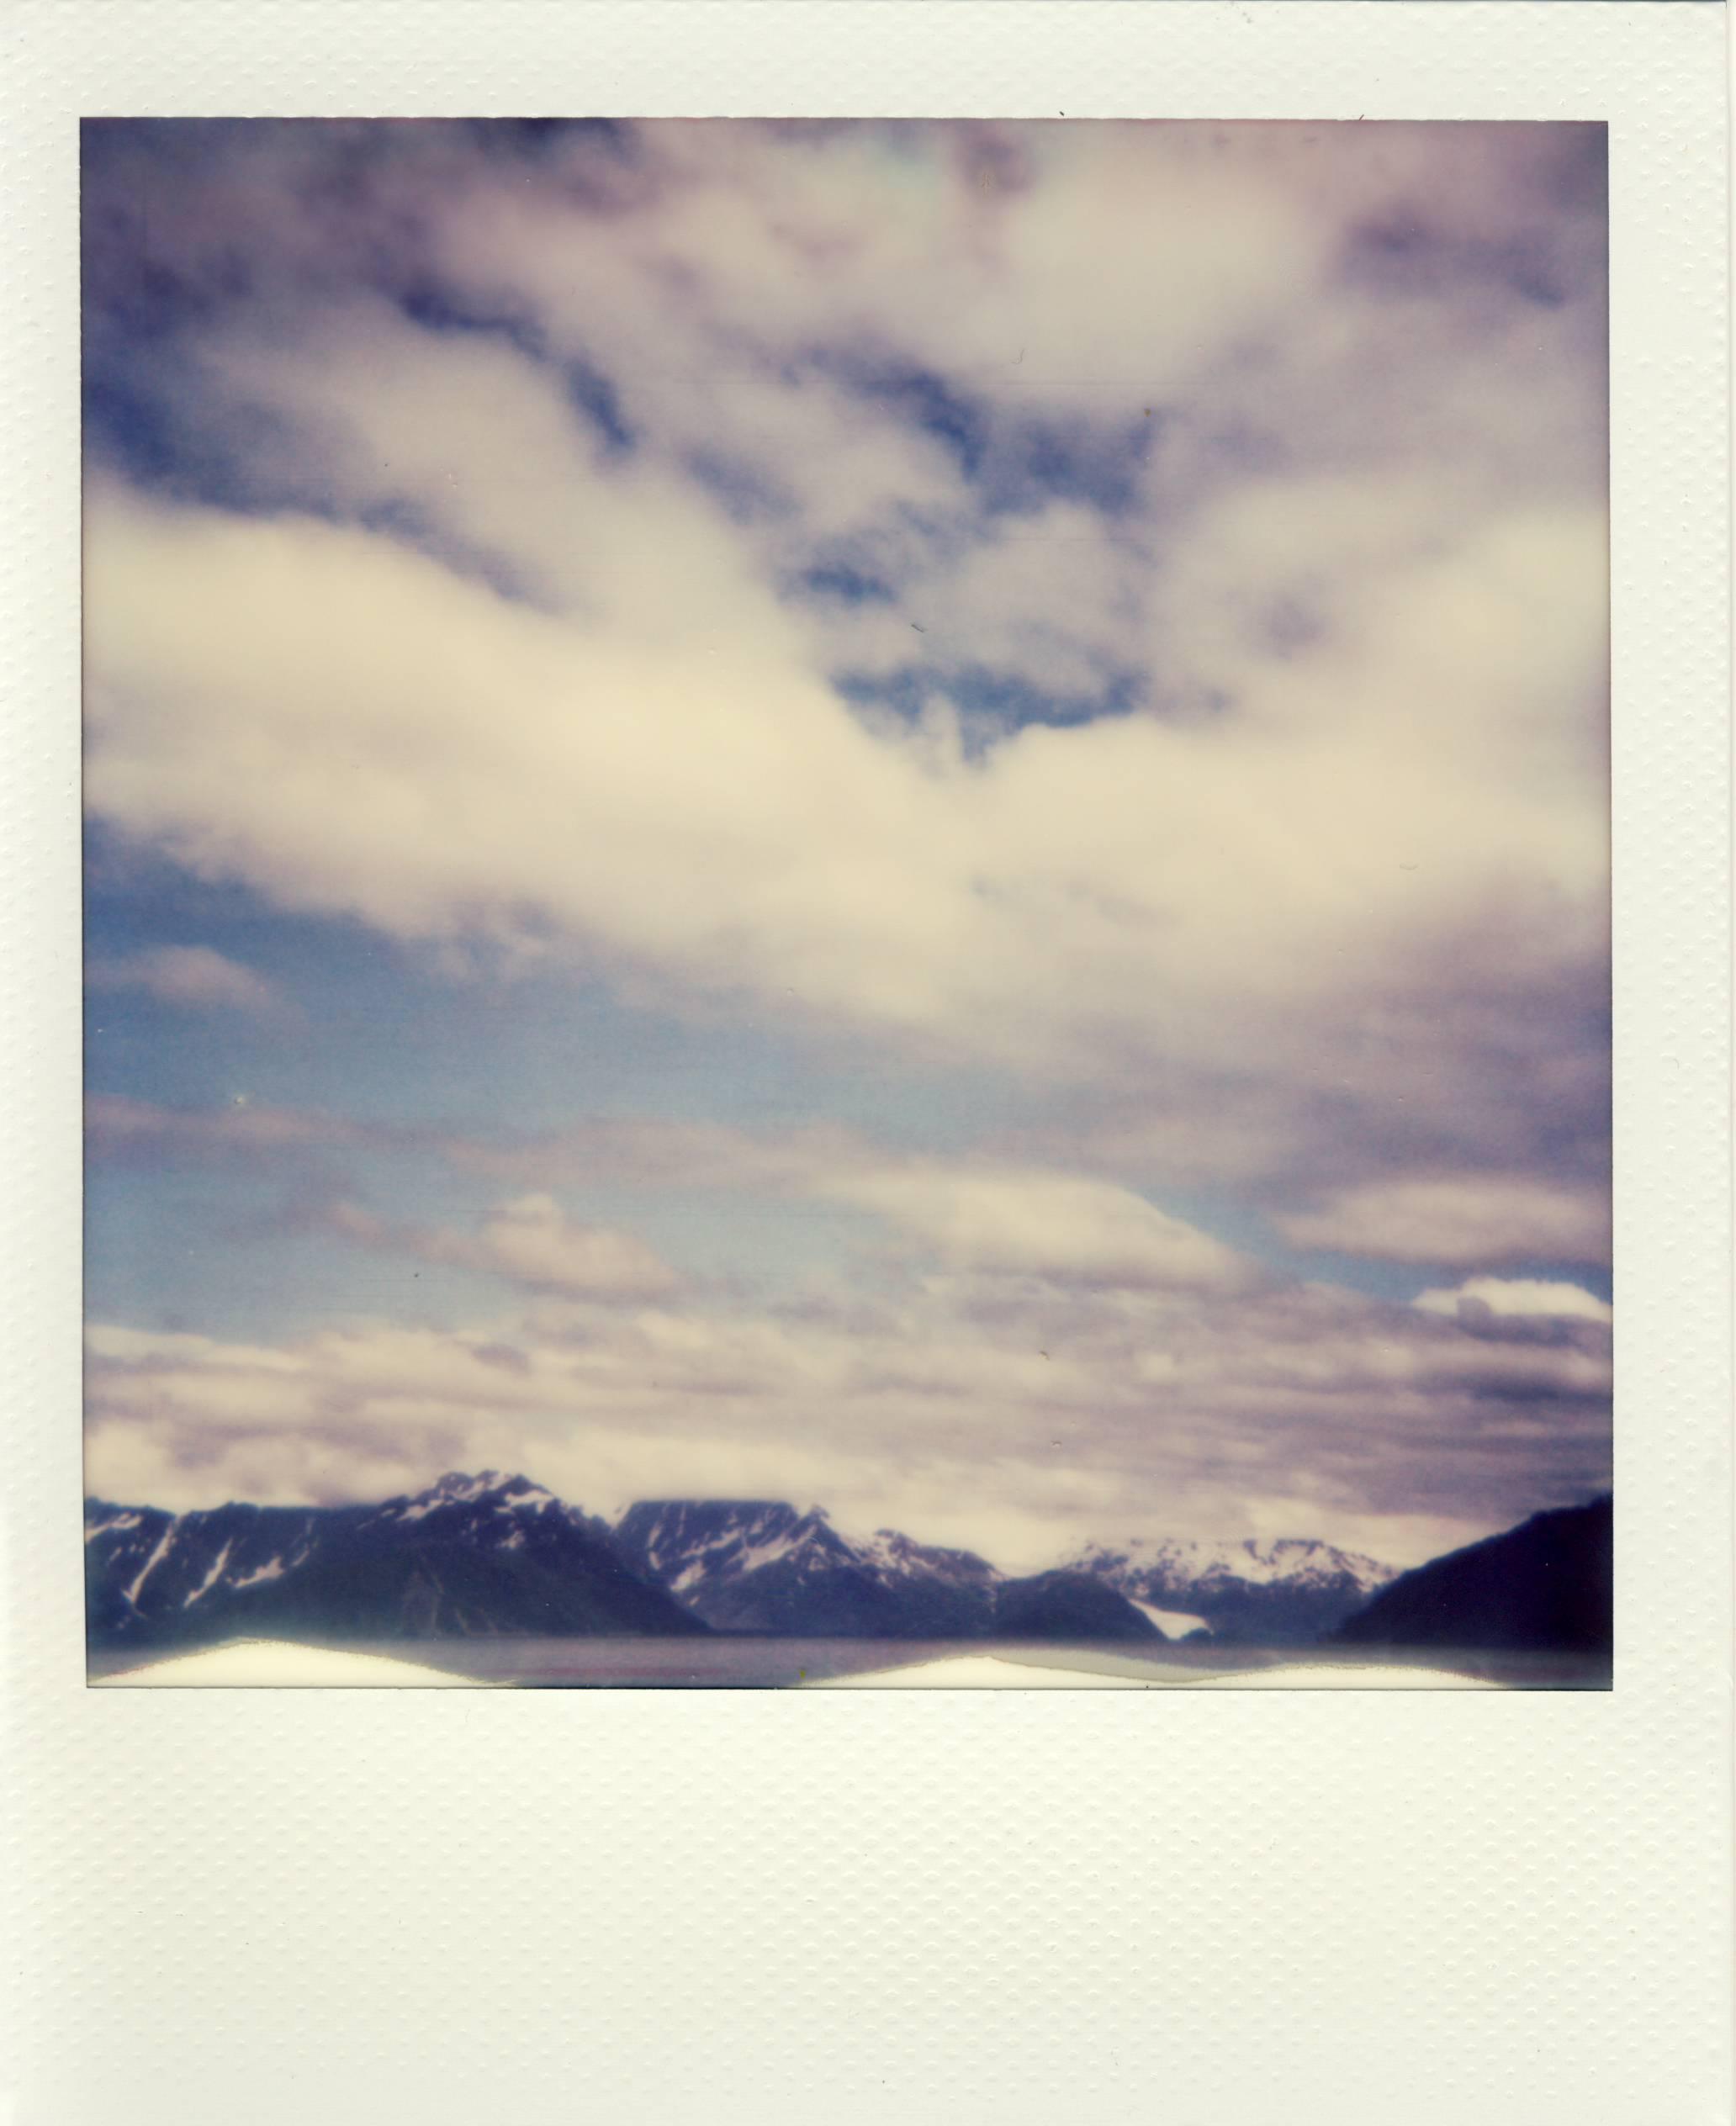 17KenaiFjords.JPG